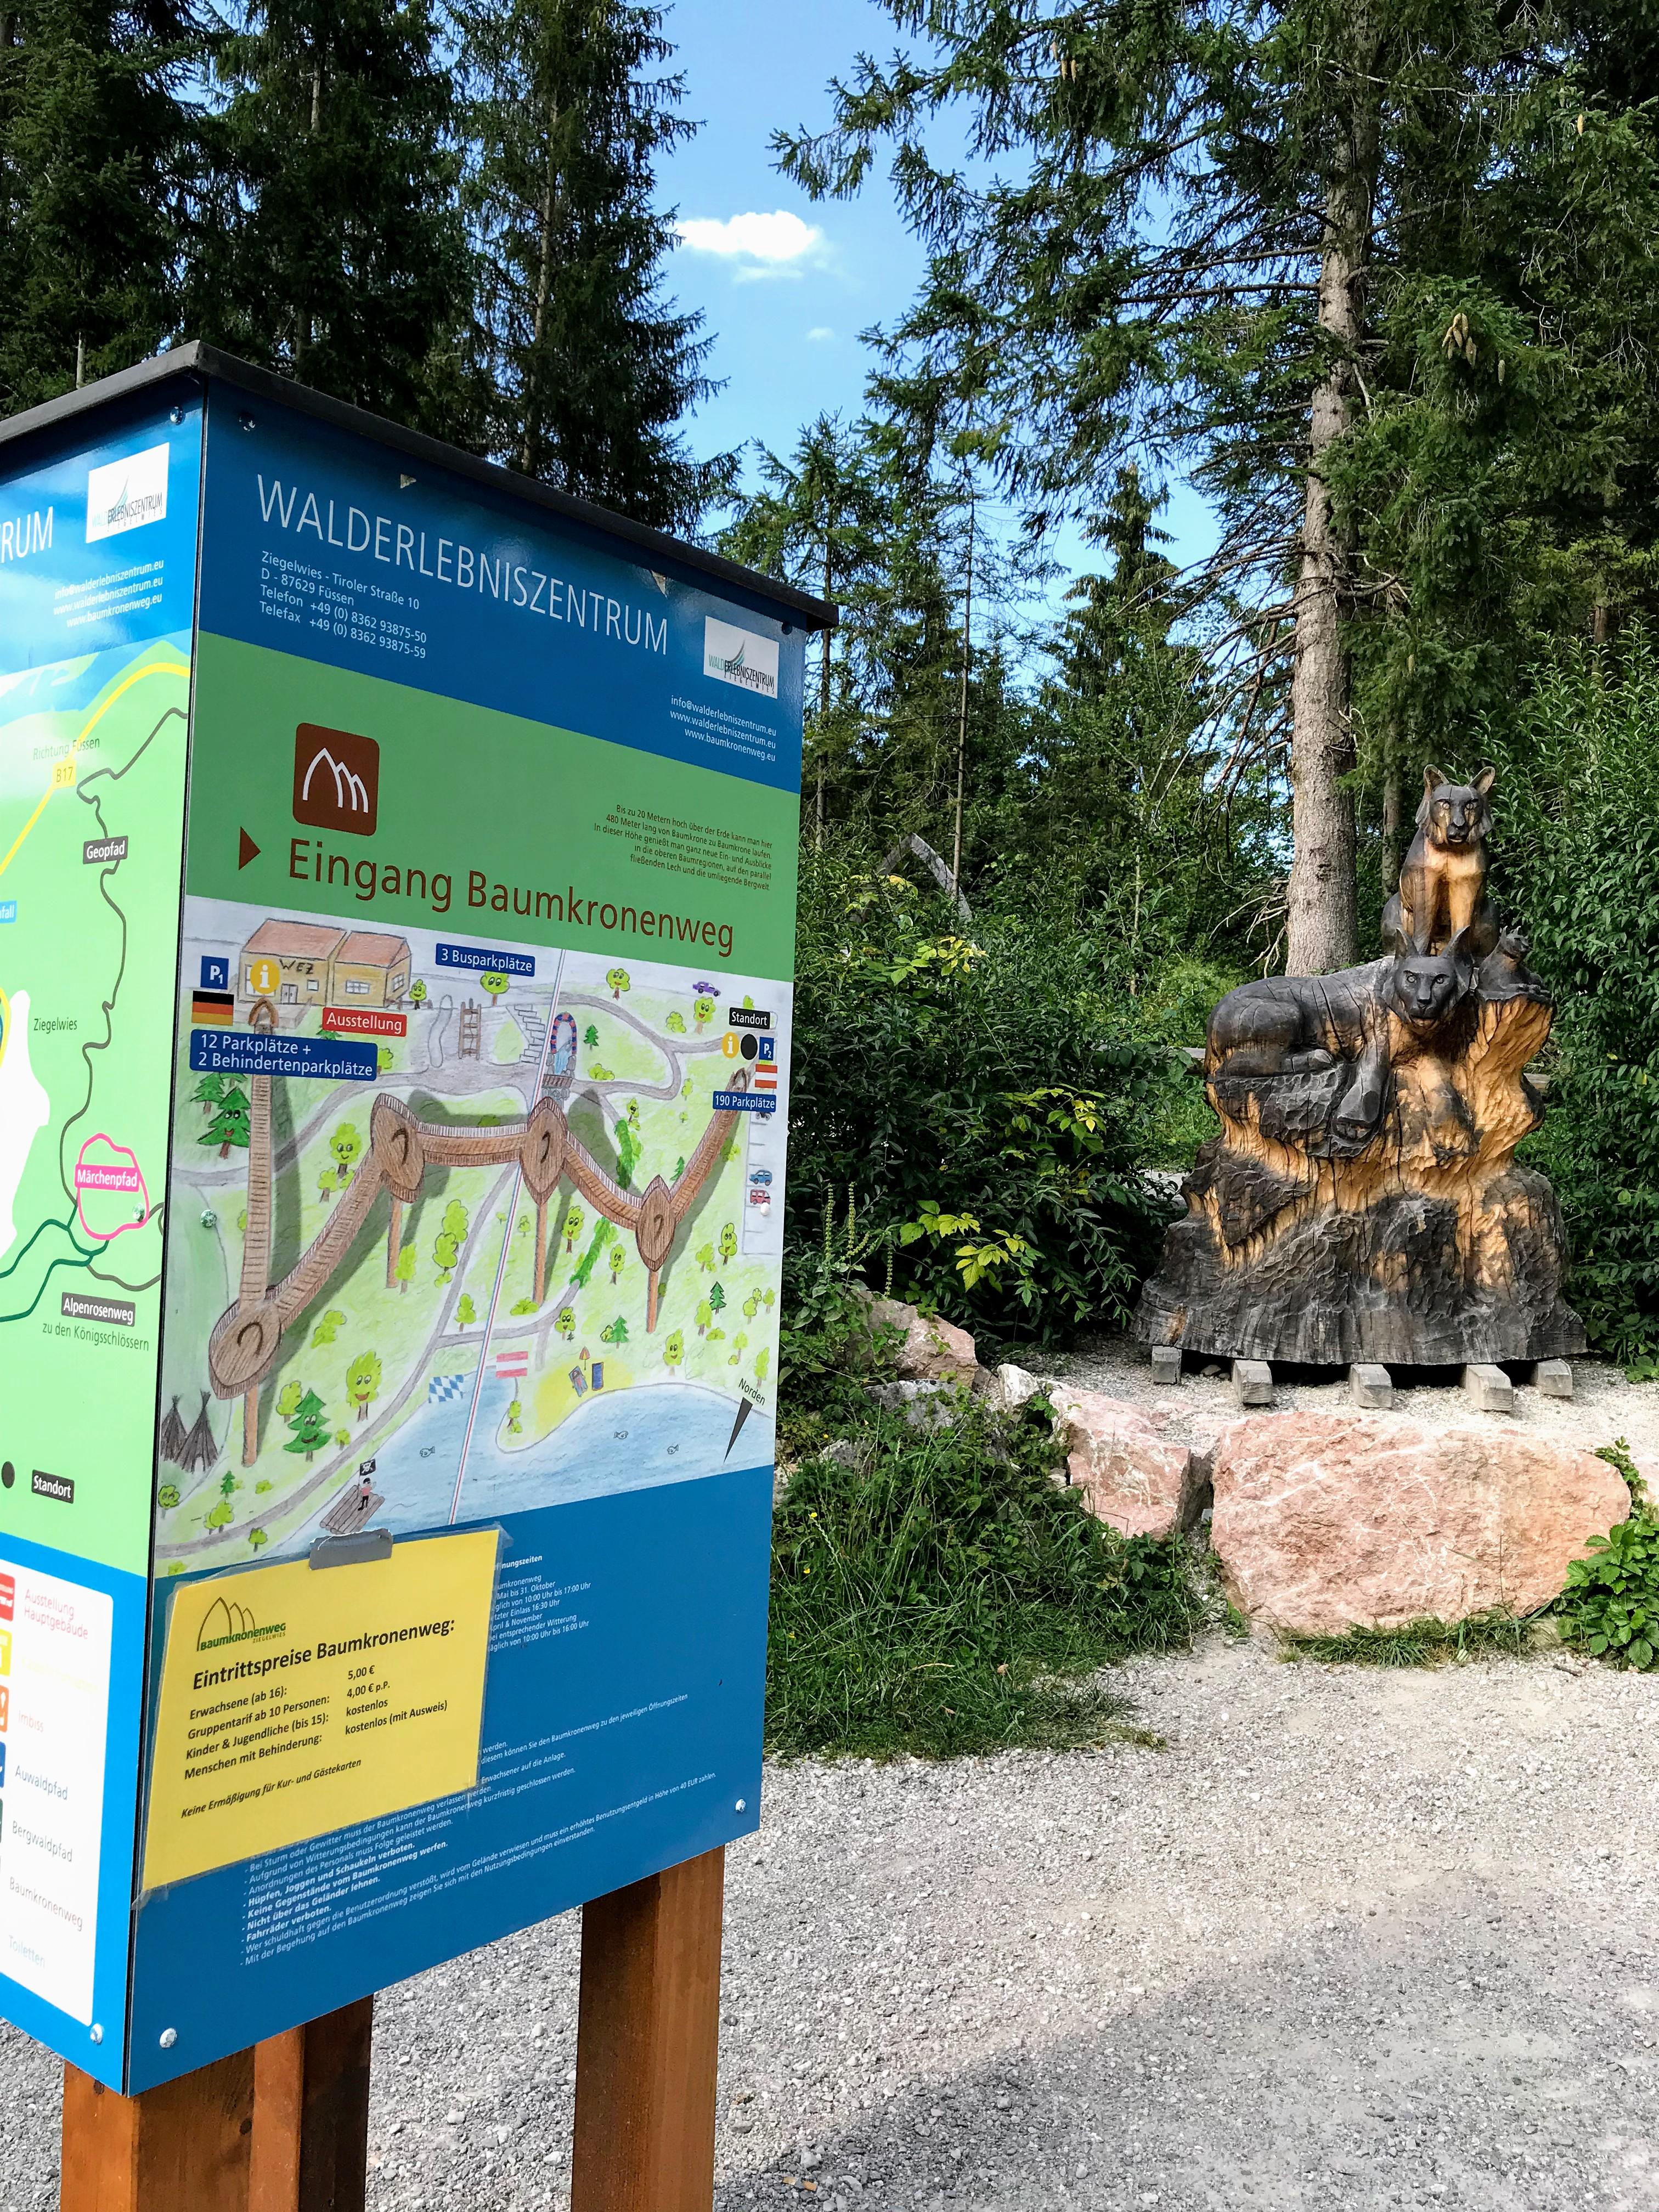 Walderlebniszentrum Ziegelwies Fussen Tirol